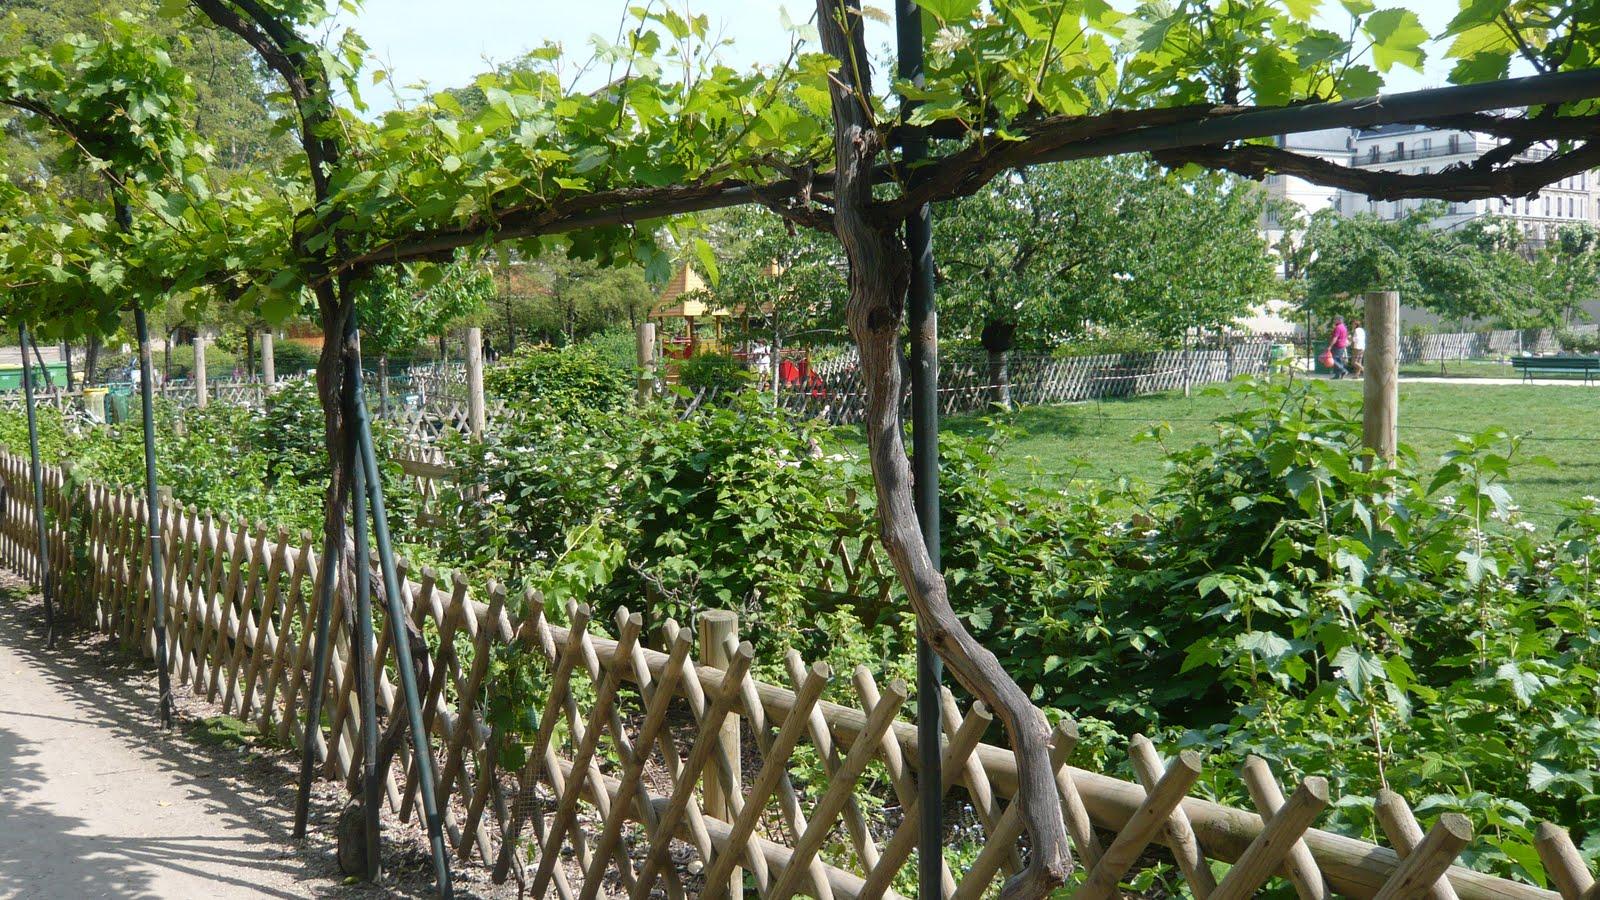 Ma poussette paris jardin catherine labour croquer - Jardin catherine laboure ...